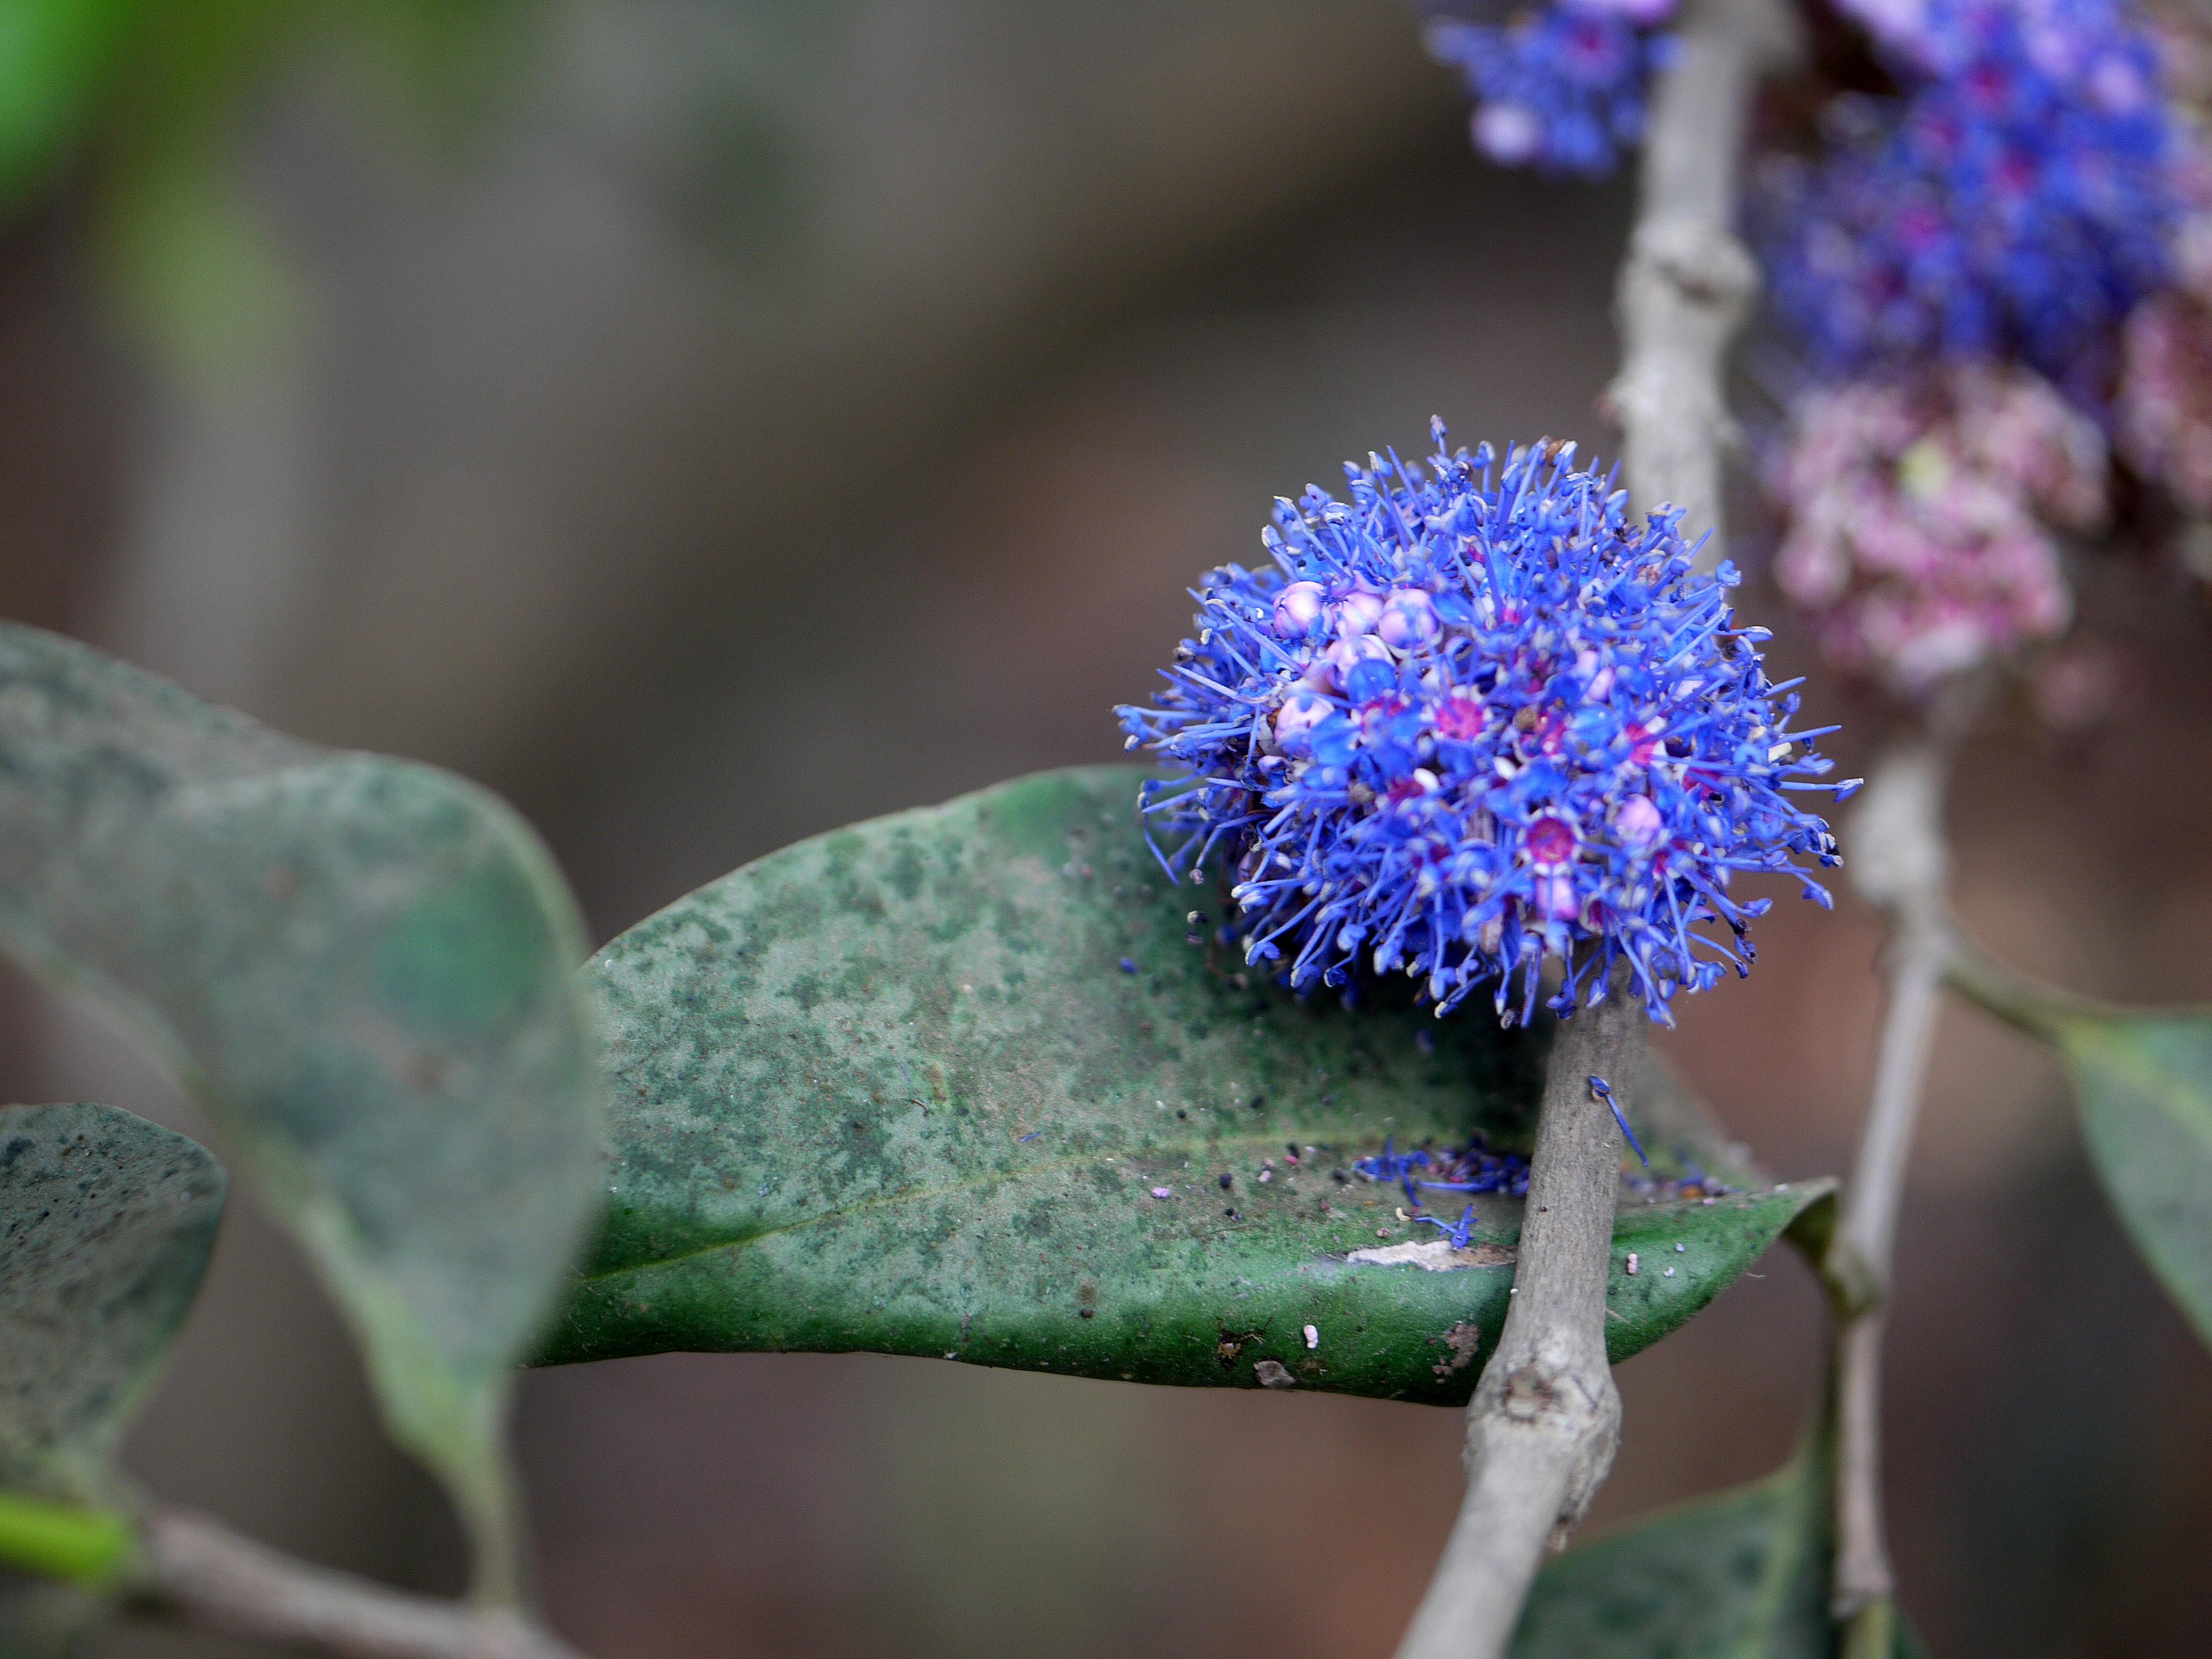 Memecylon Umbellatum seeds